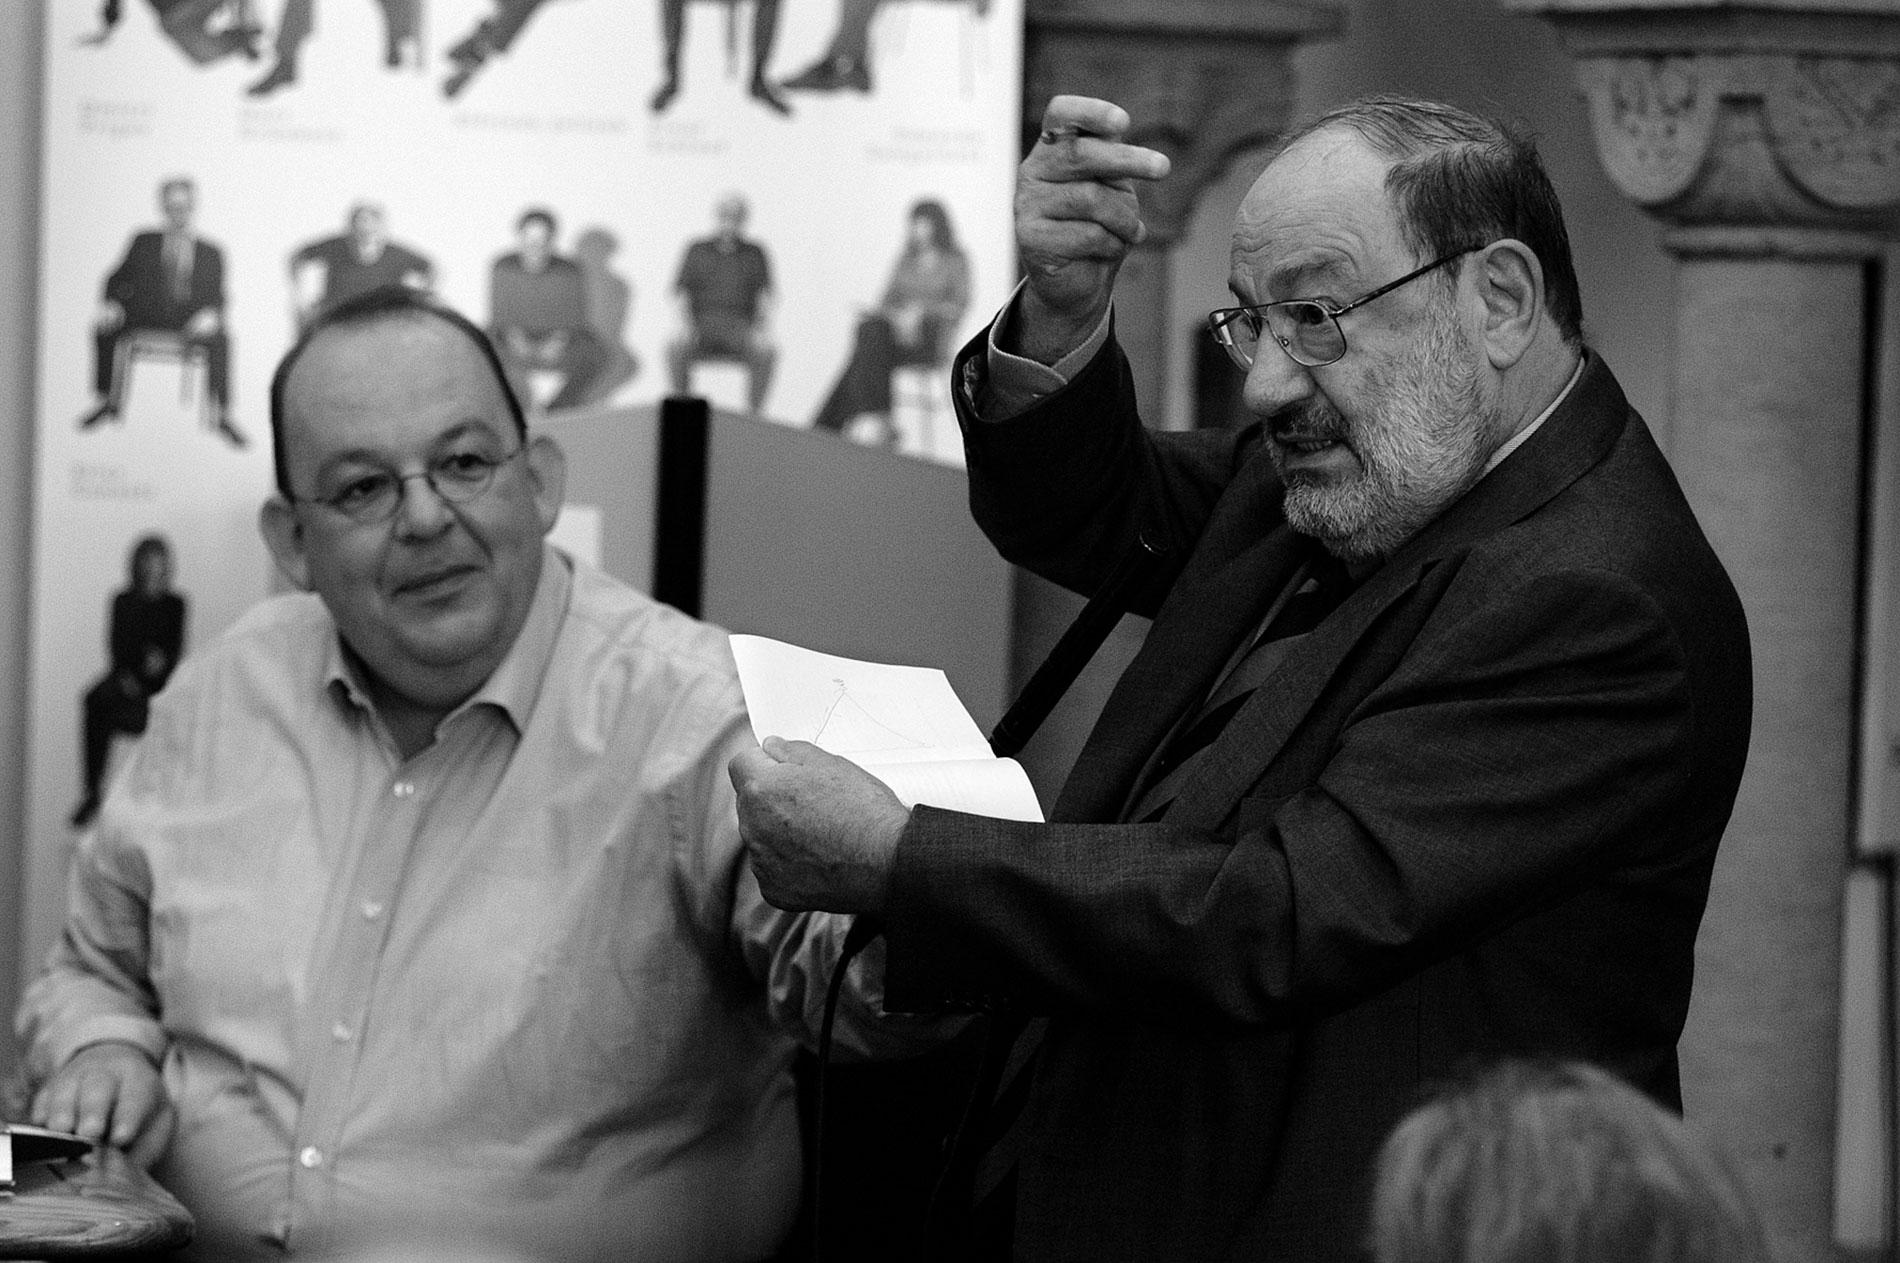 Umberto Eco bei einer Veranstaltung des Deutschen Übersetzerfonds im Literarischen Colloquium Berlin, 2007